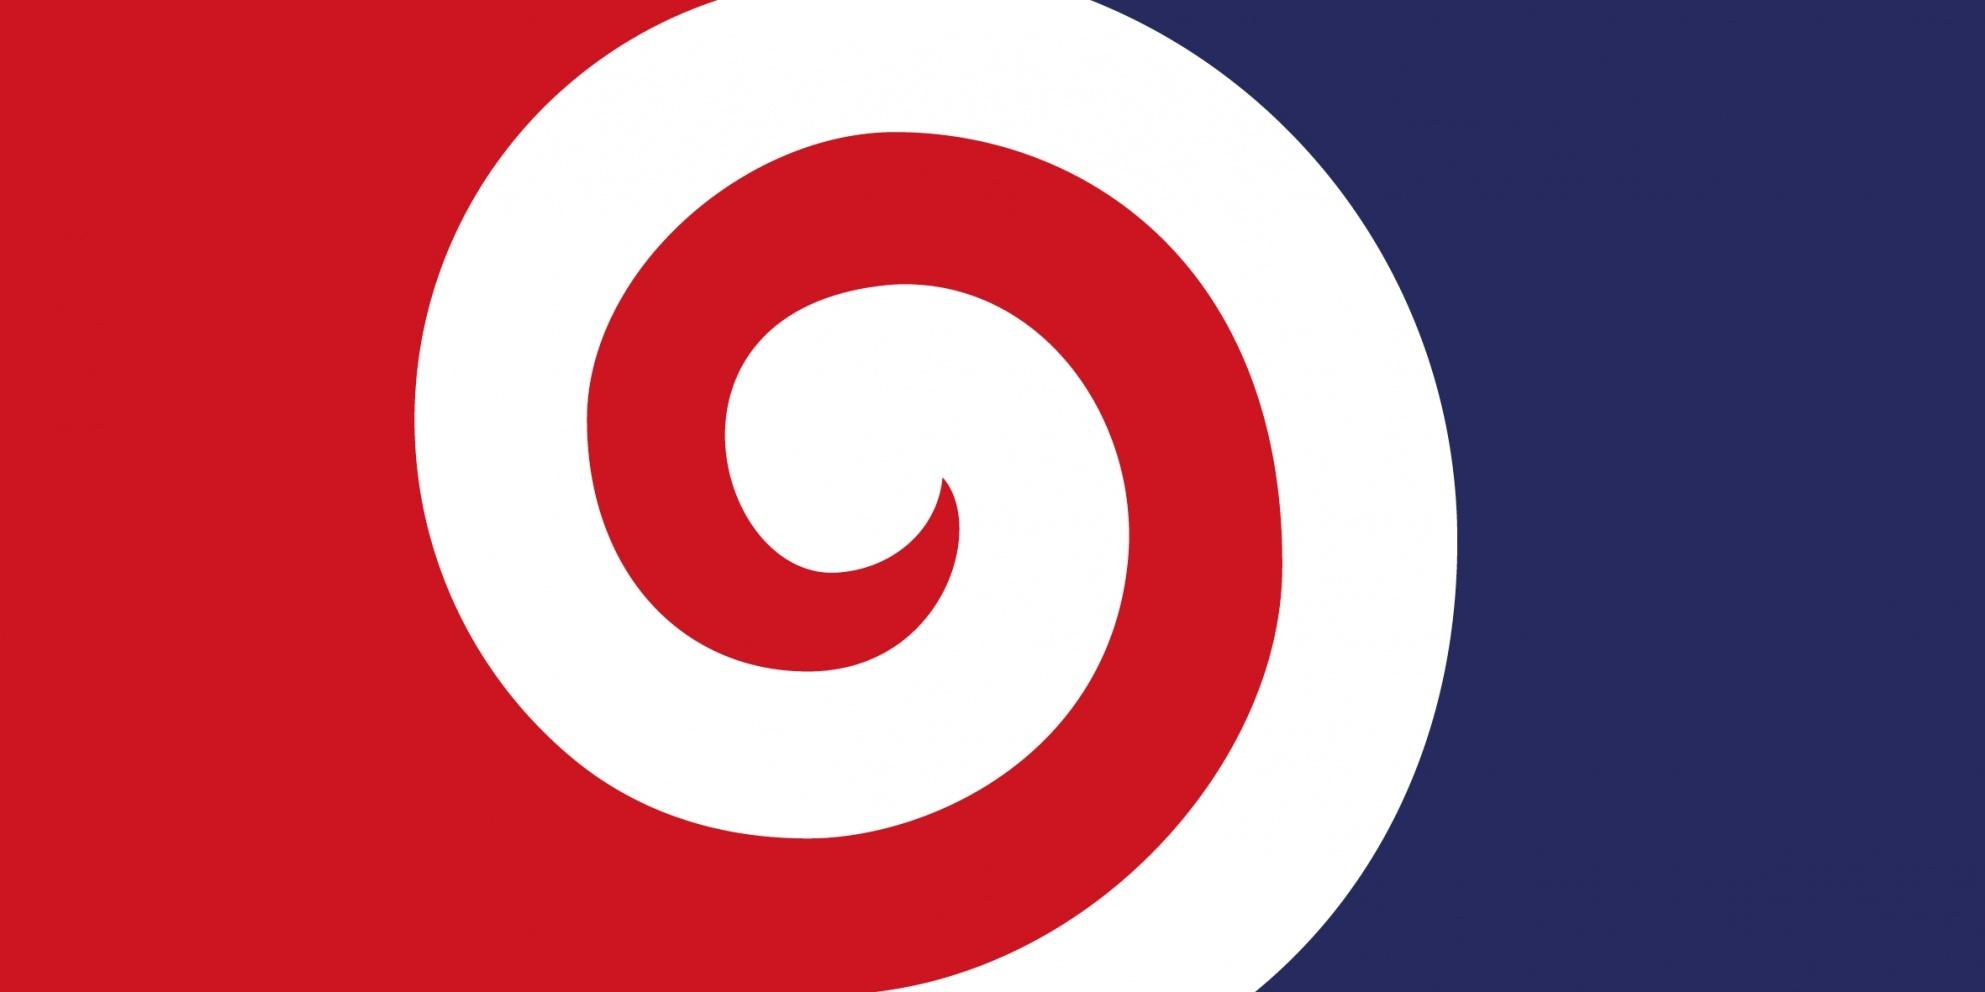 Filenz flag design curly koru by daniel crayford and leon cayford filenz flag design curly koru by daniel crayford and leon cayfordg biocorpaavc